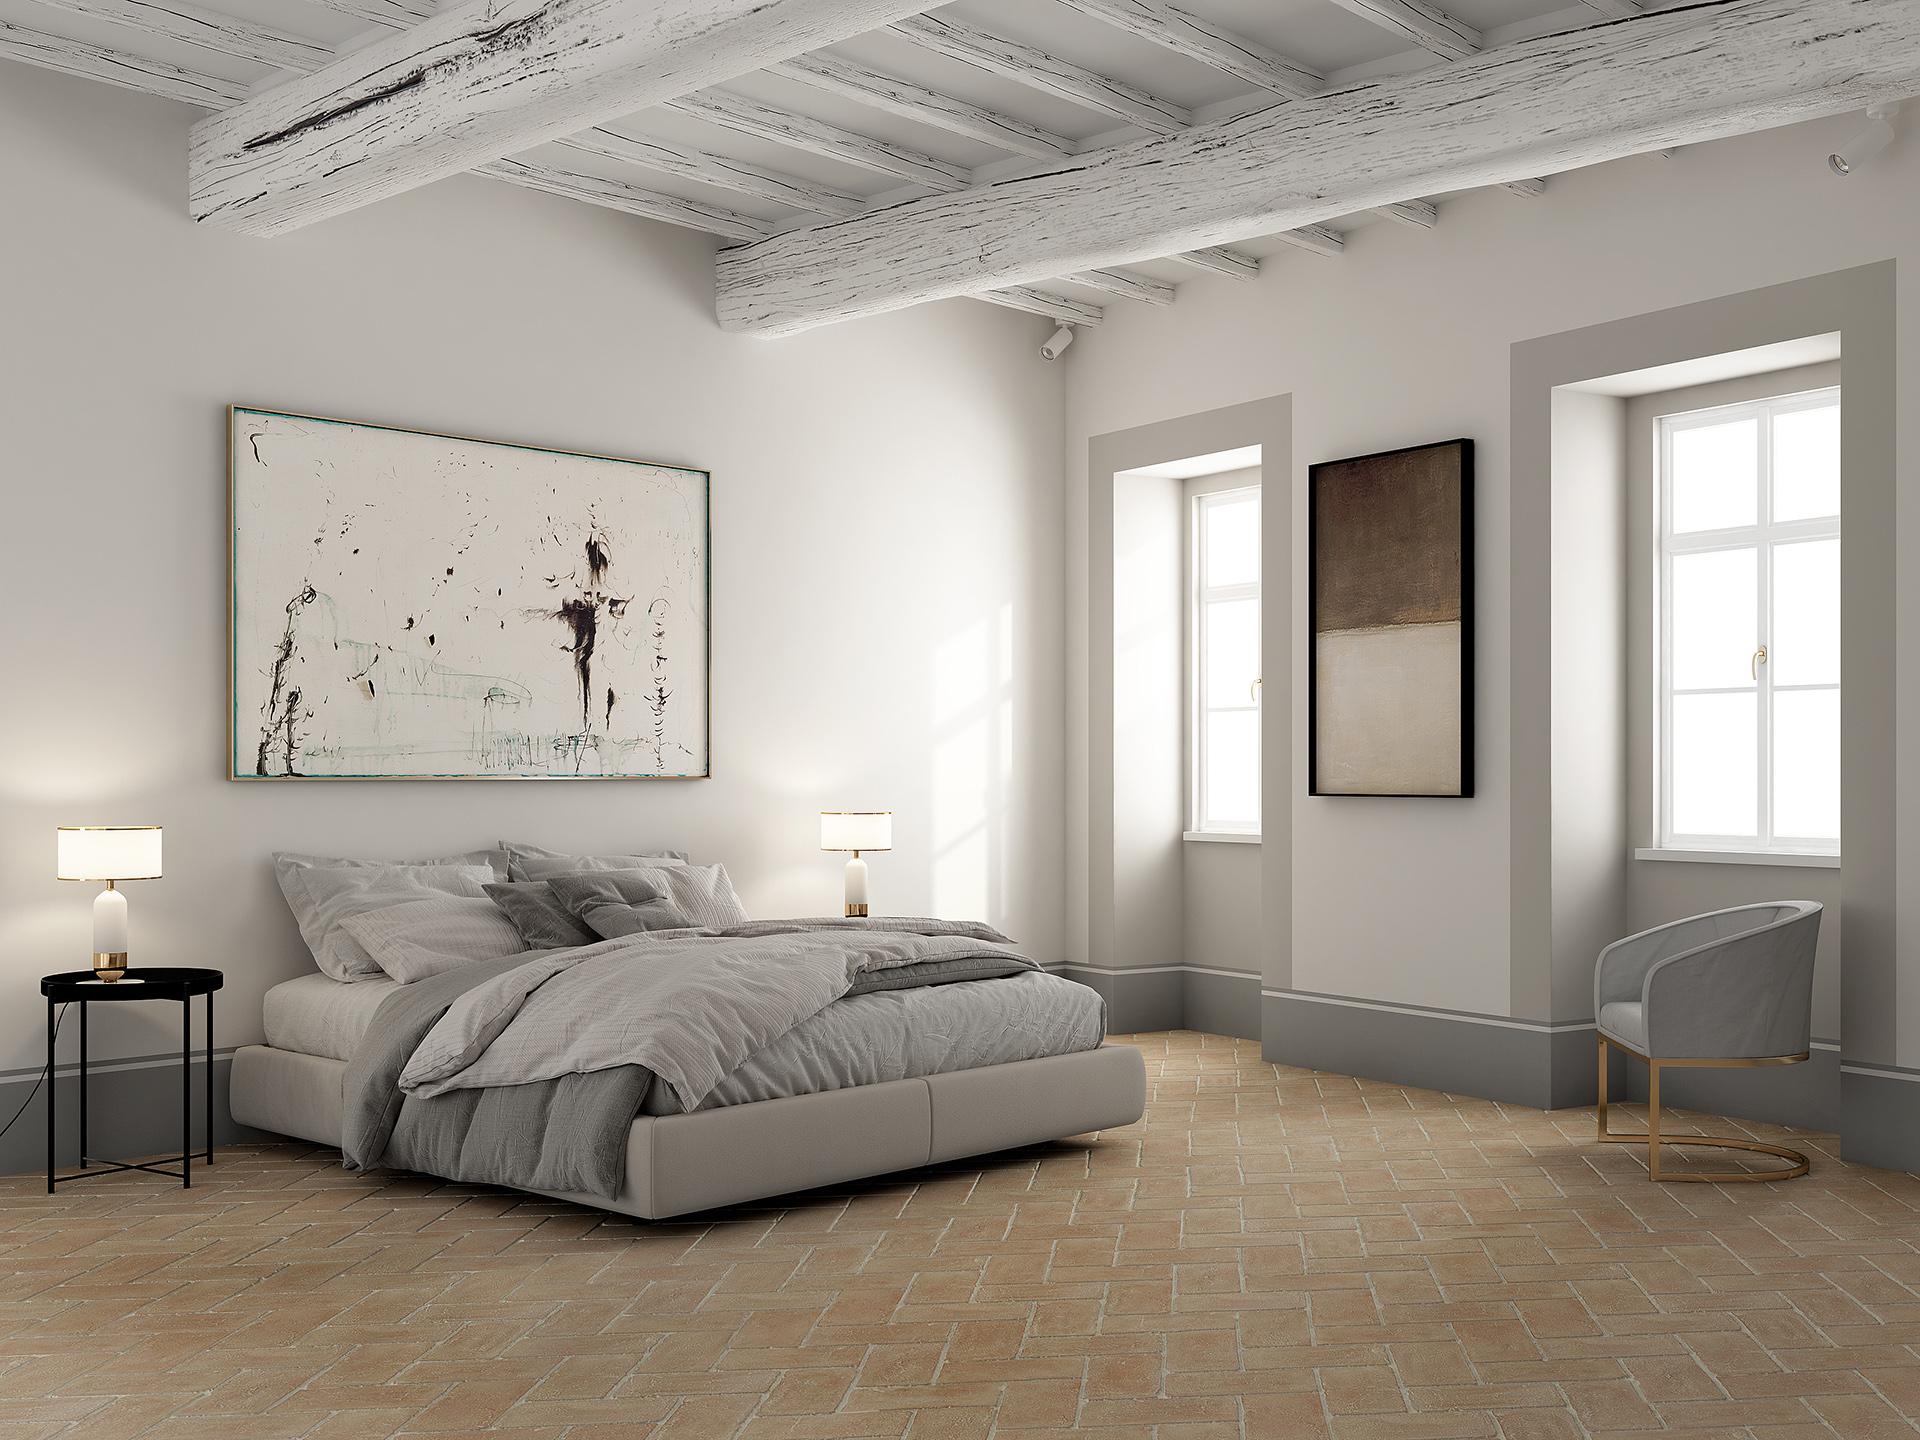 rendering fotorealistico della camera da letto principale cucina di un palazzo storico, progettata da Francesco Aureli